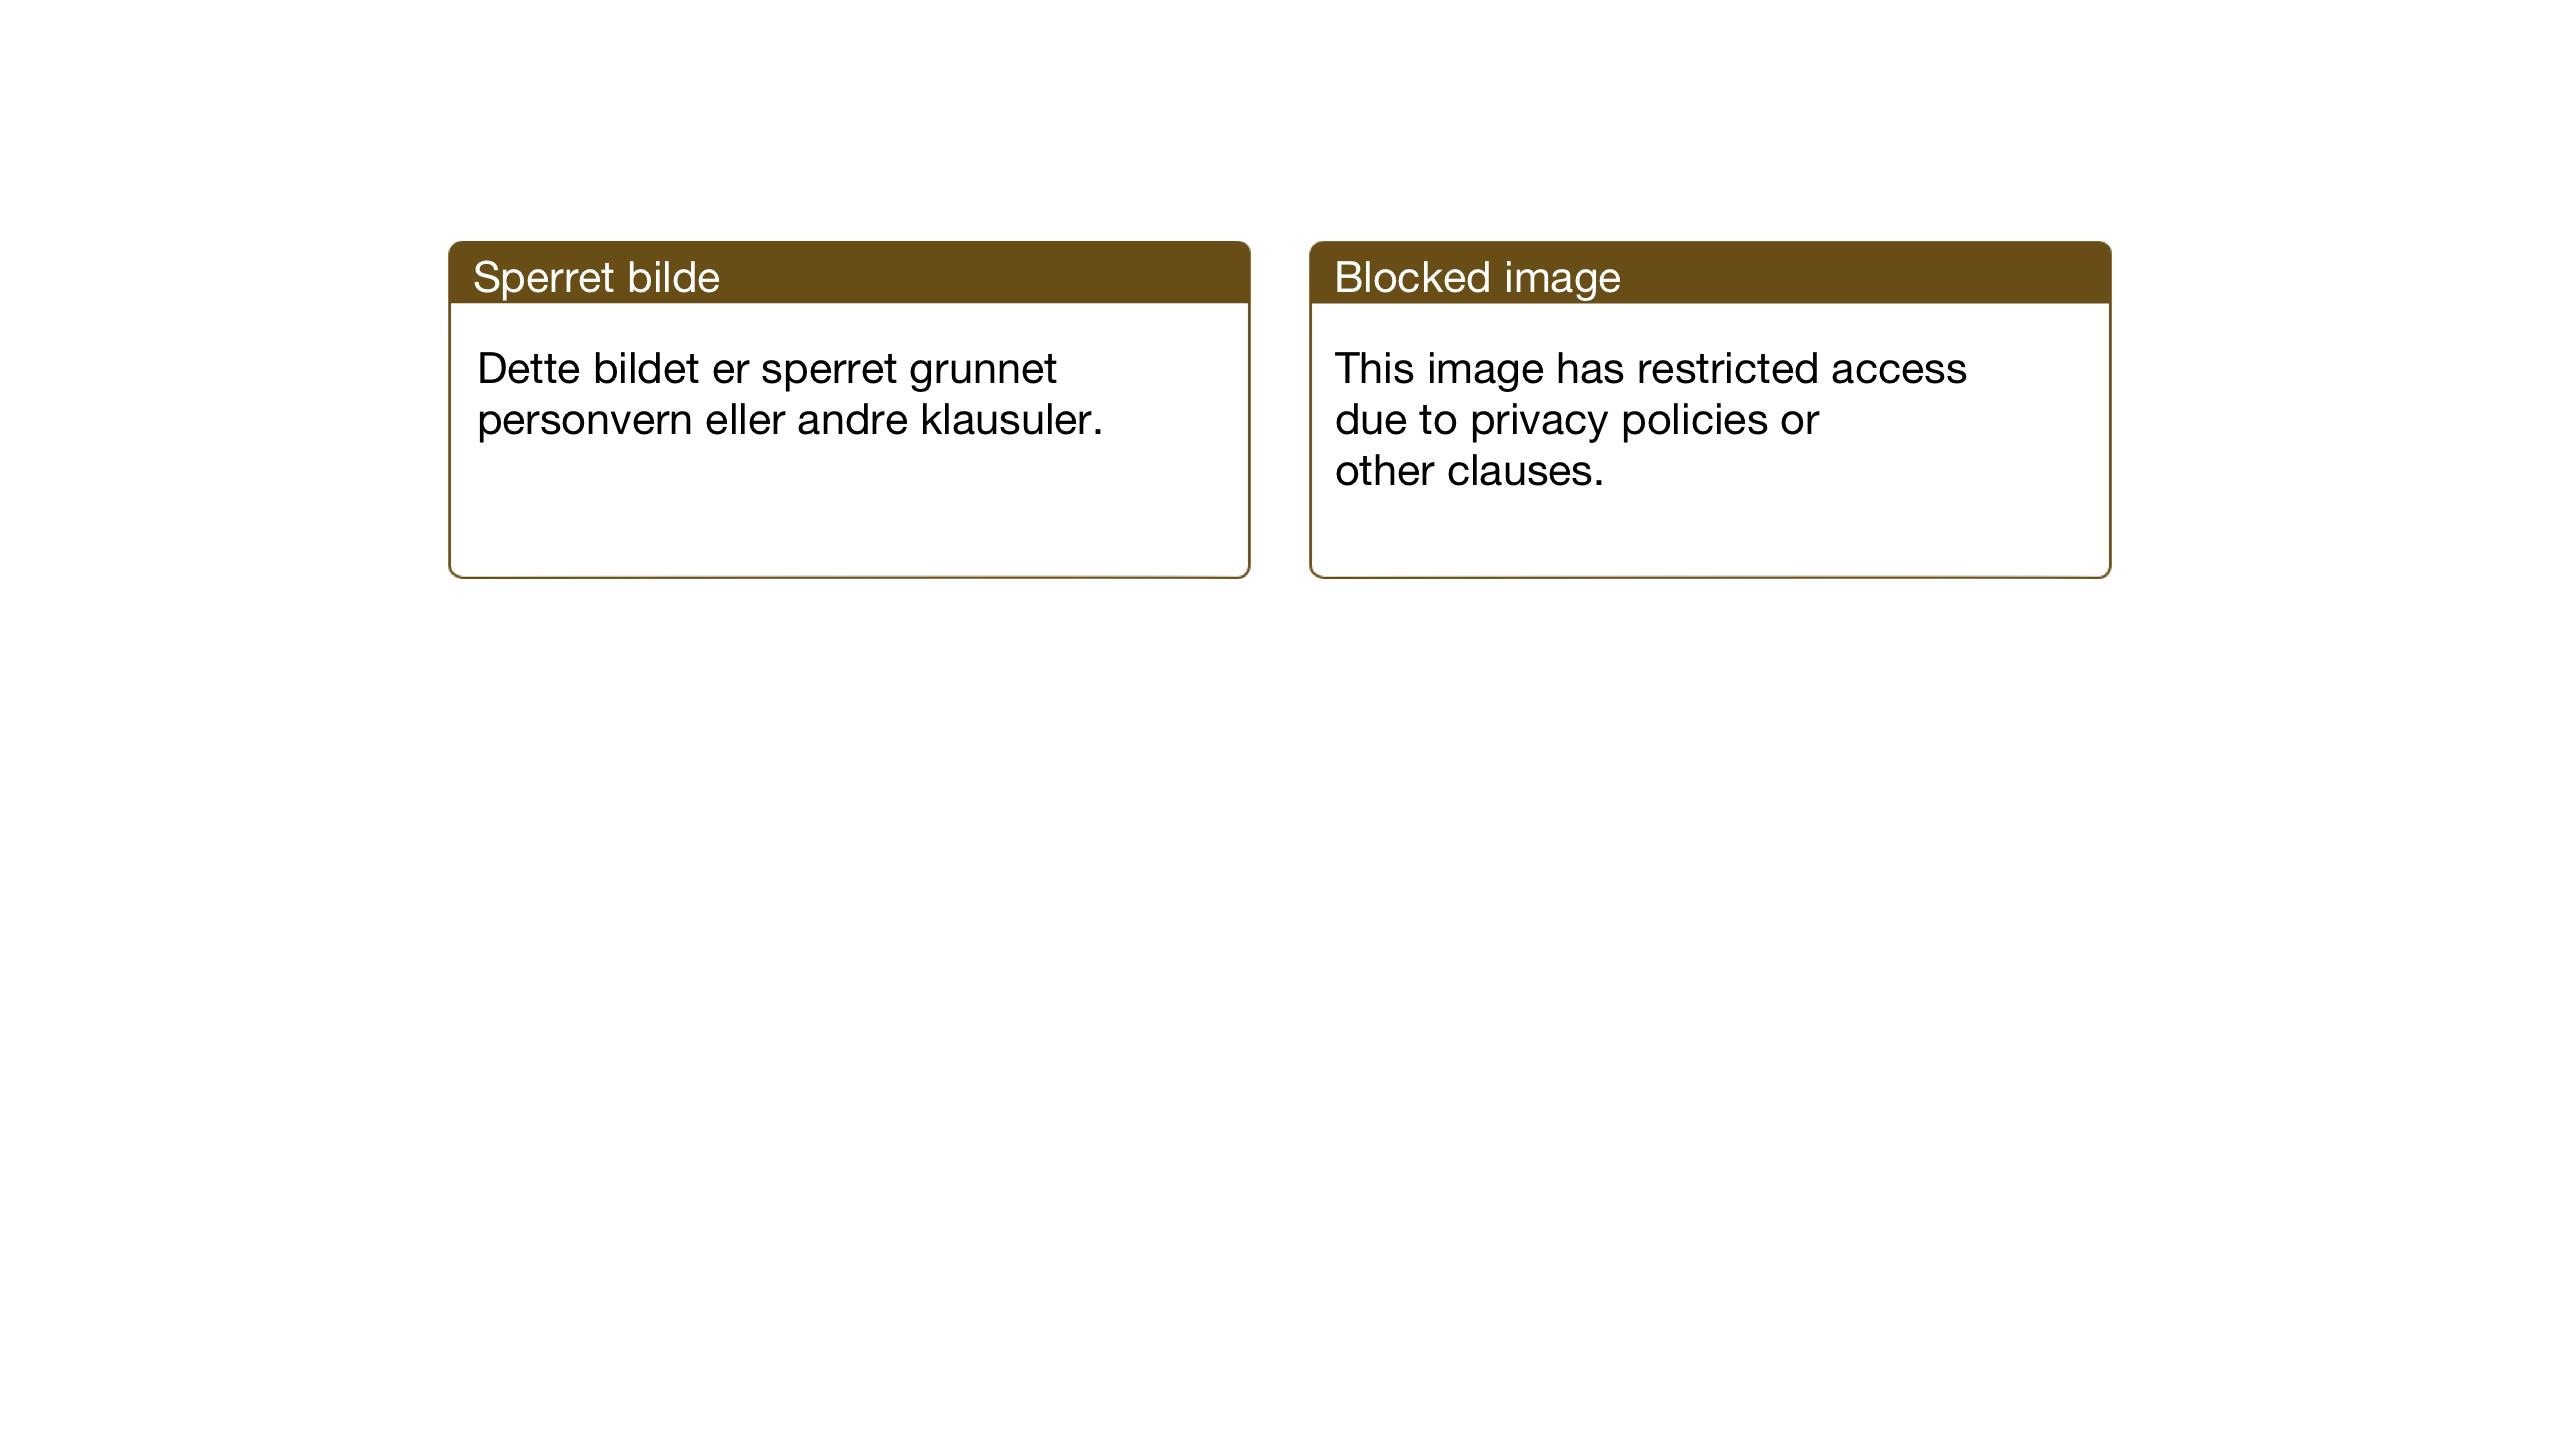 SAT, Ministerialprotokoller, klokkerbøker og fødselsregistre - Nord-Trøndelag, 770/L0592: Klokkerbok nr. 770C03, 1941-1950, s. 45